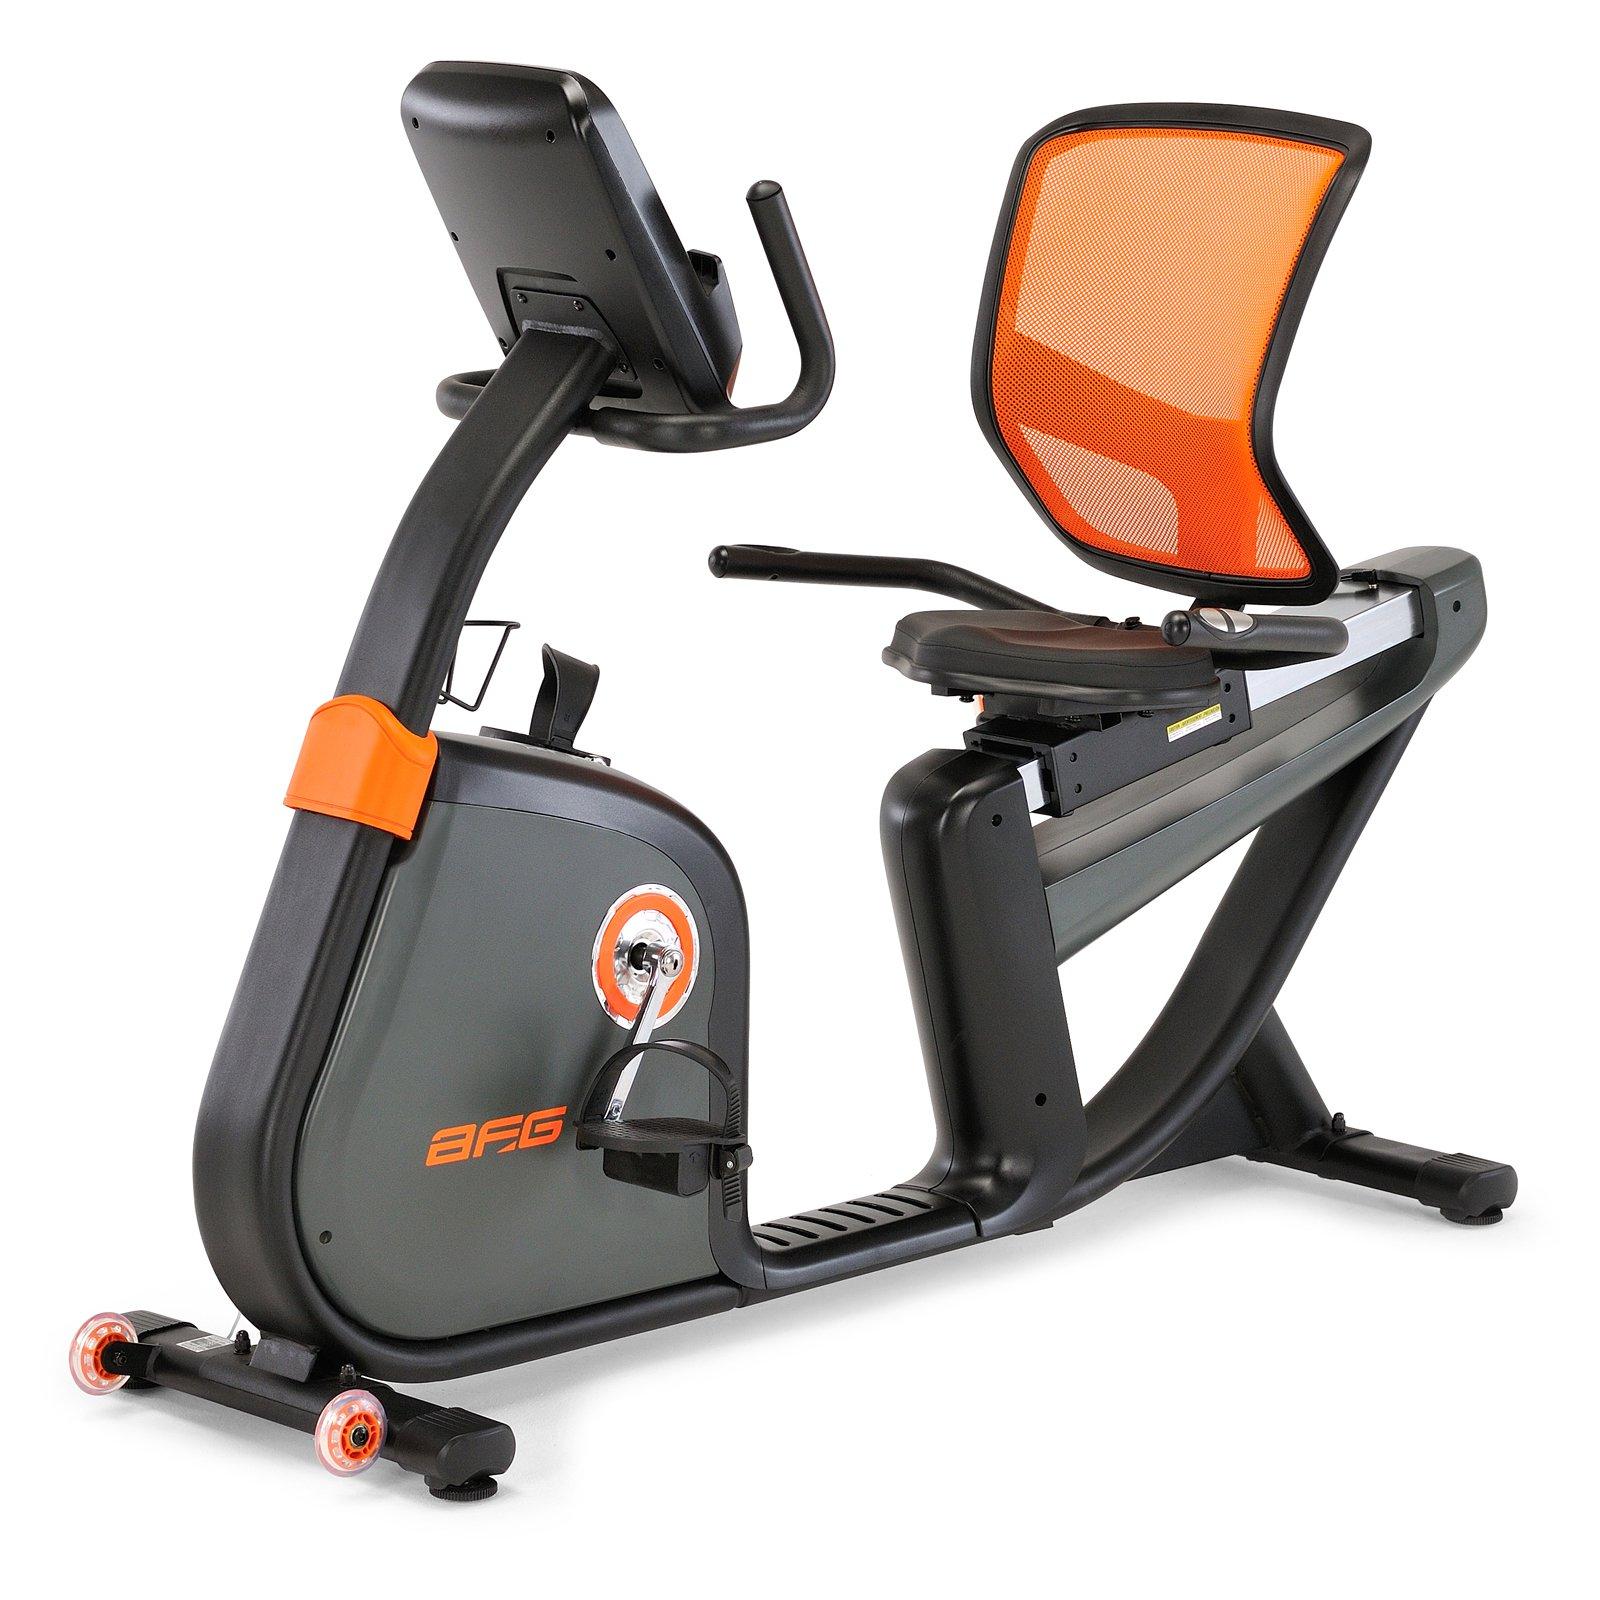 7.3AR Recumbent Exercise Bike